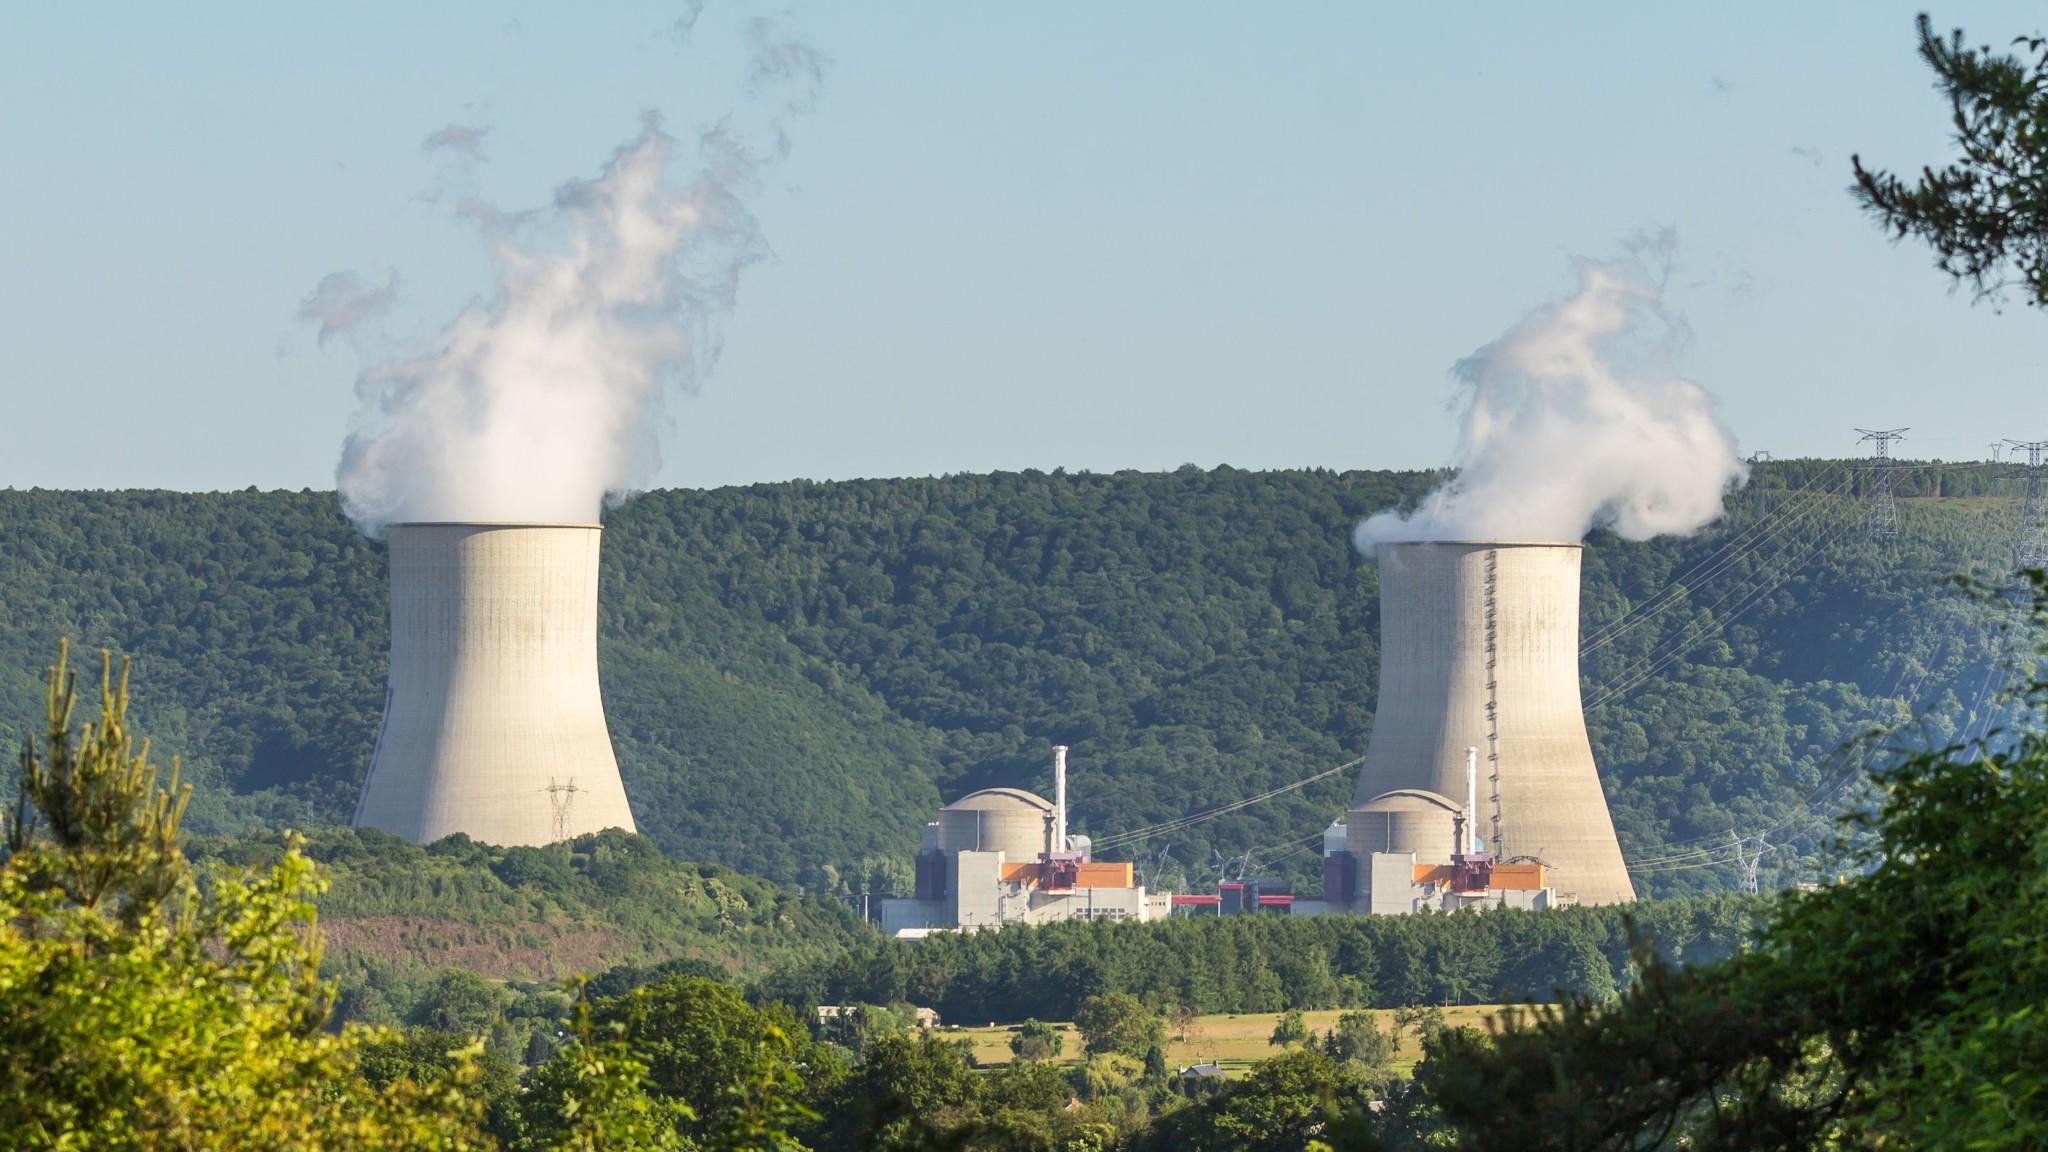 agence internationale énergie nucléaire renouvelable - Energeek